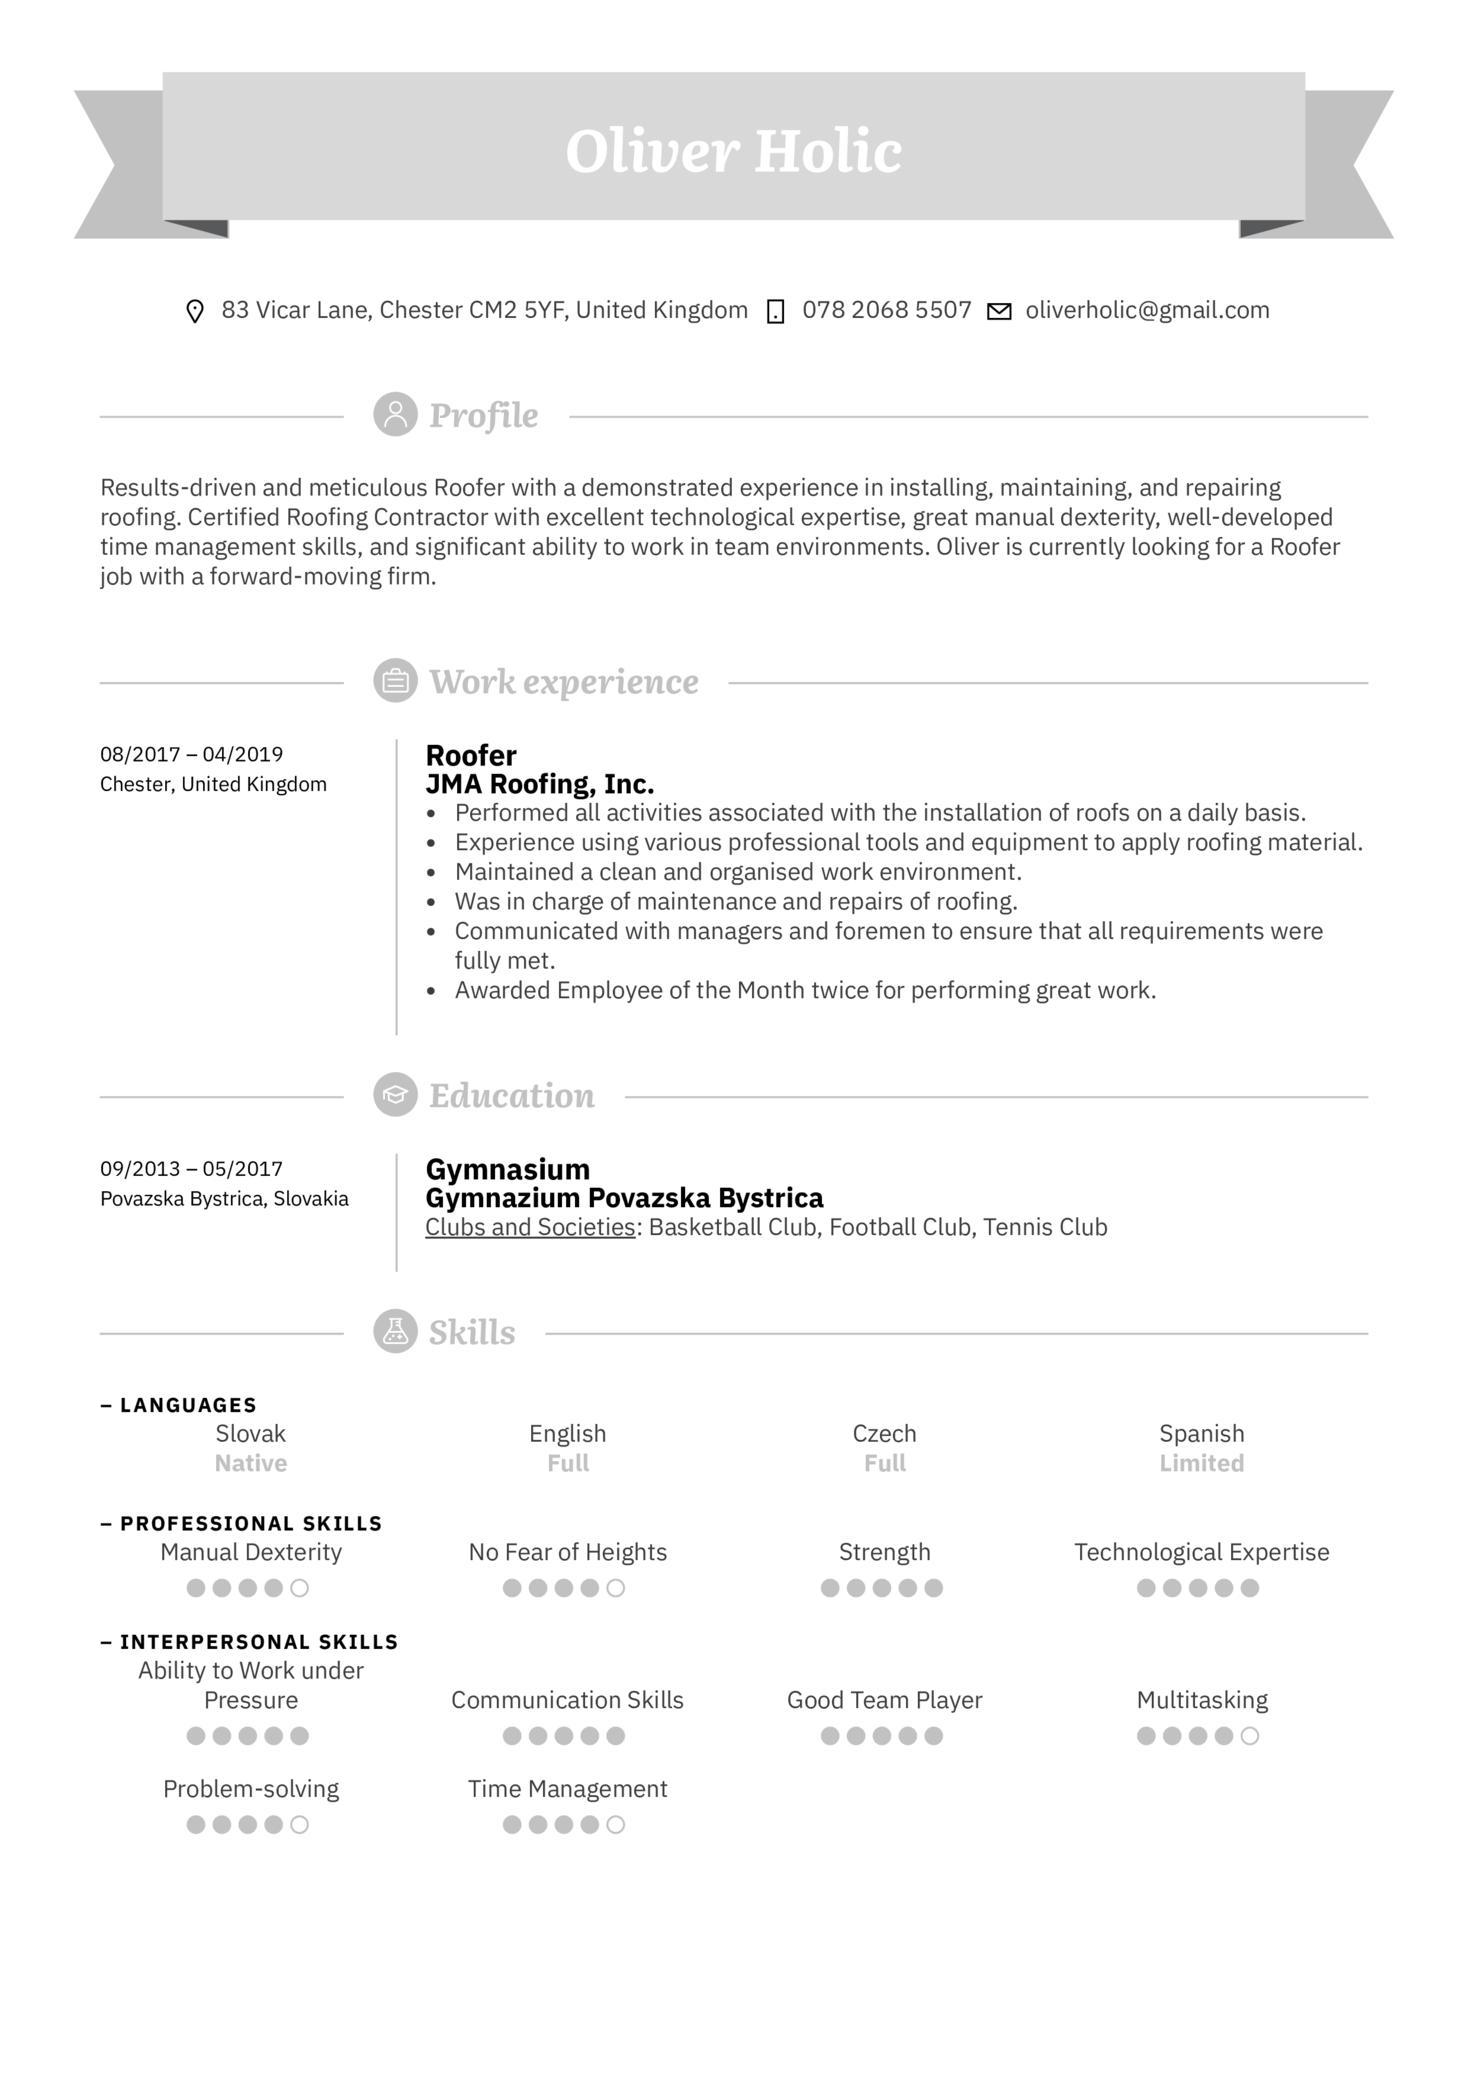 Roofer Resume Sample (parte 1)